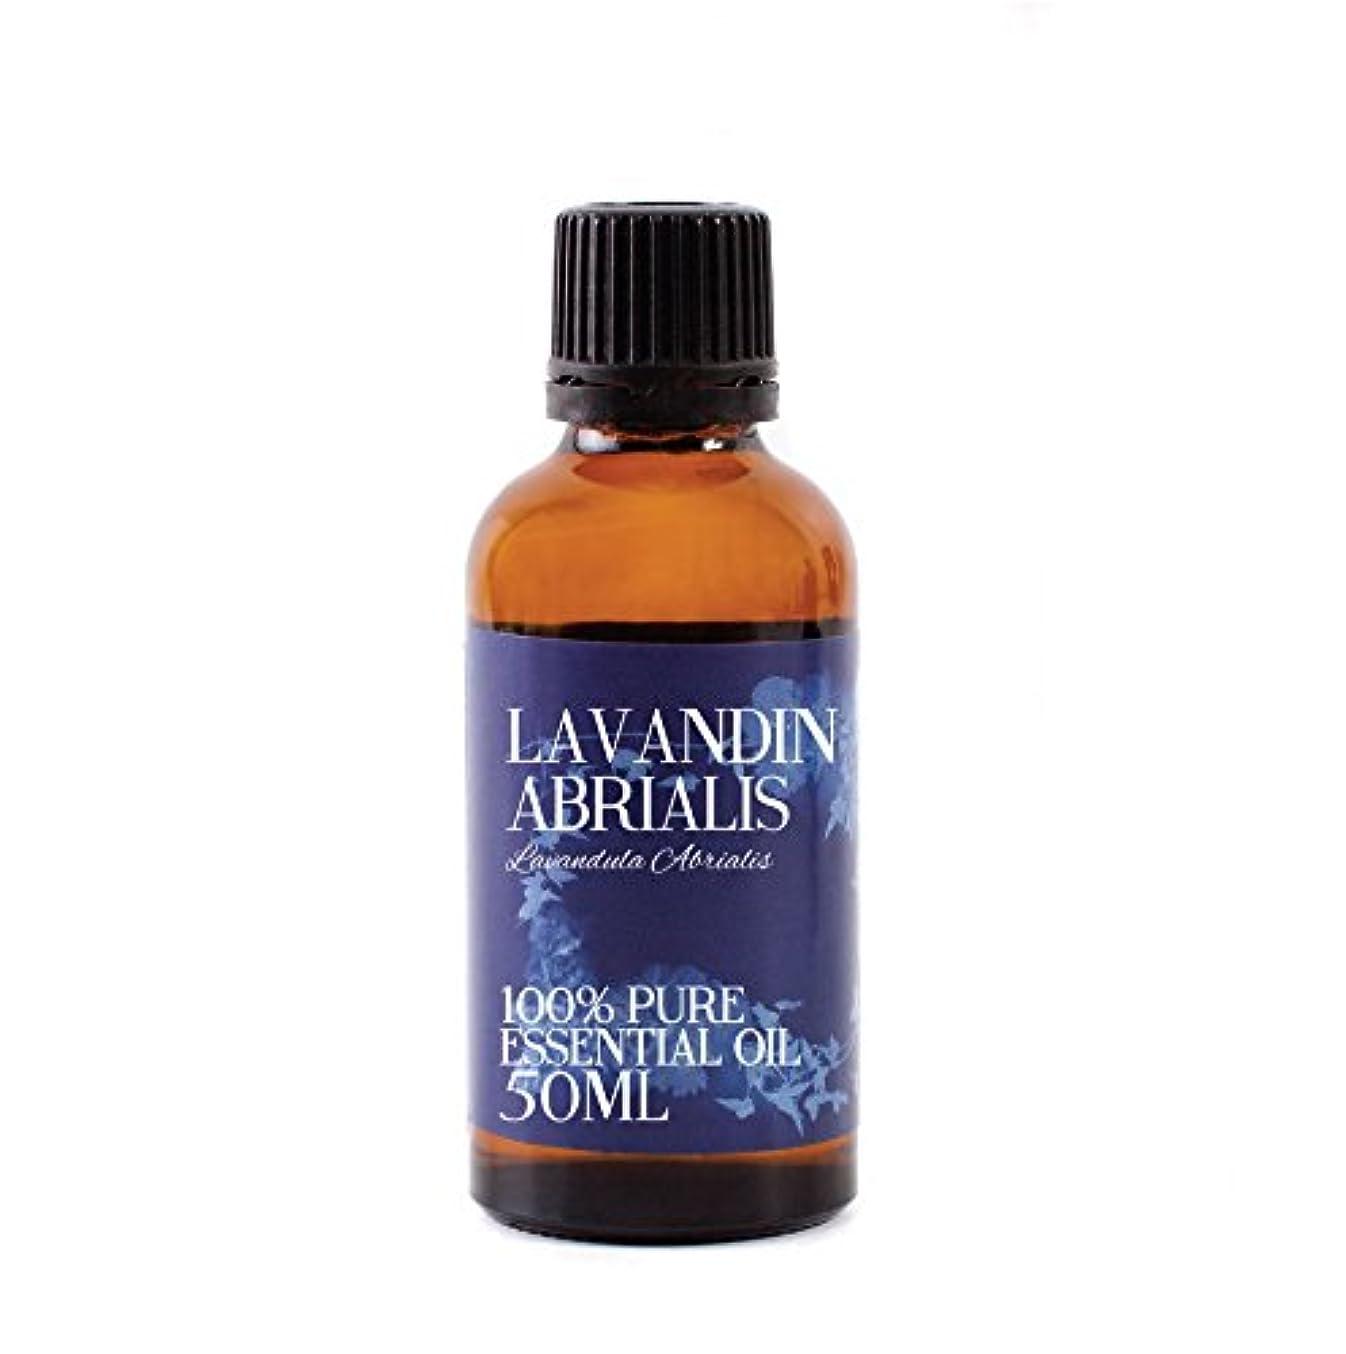 電話に出る冒険者深遠Mystic Moments | Lavandin Abrialis Essential Oil - 50ml - 100% Pure